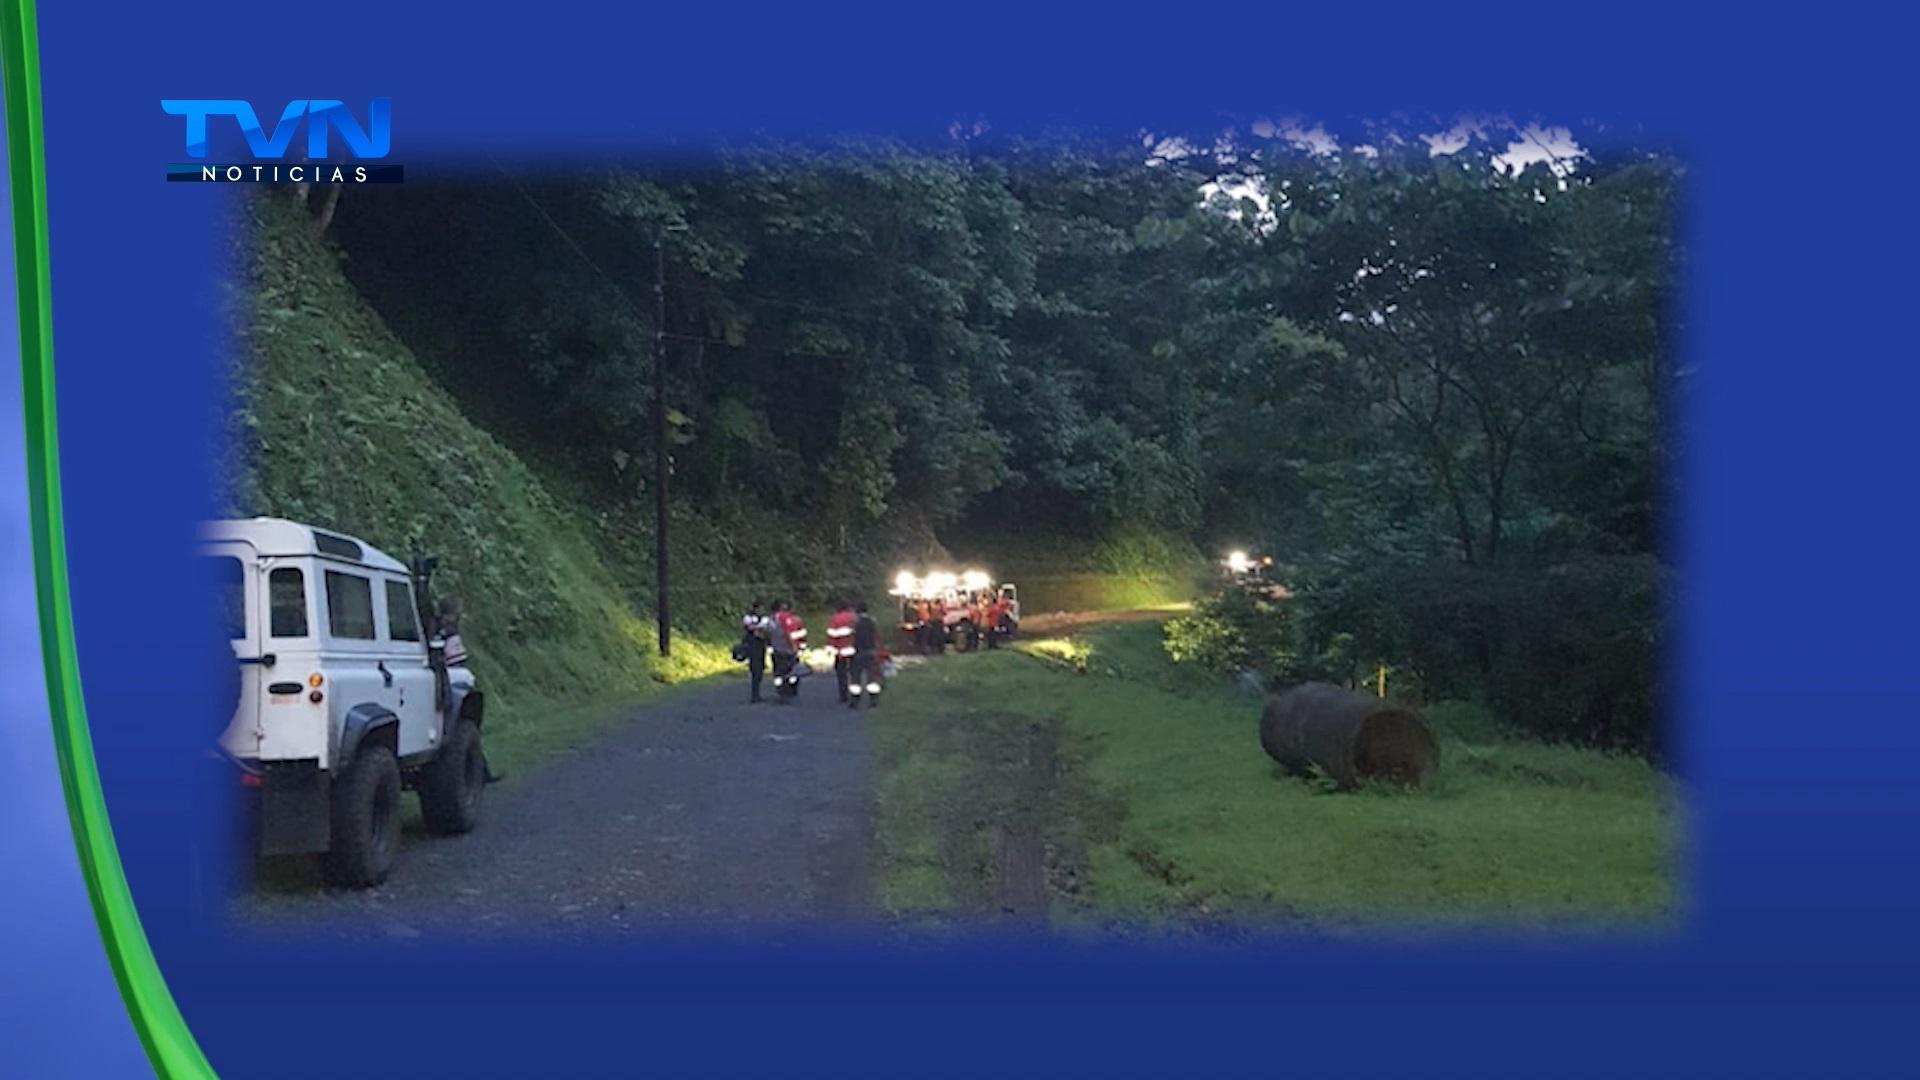 Turistas extranjeros y guías fueron rescatados por la Cruz Roja en San Isidro de Peñas Blancas